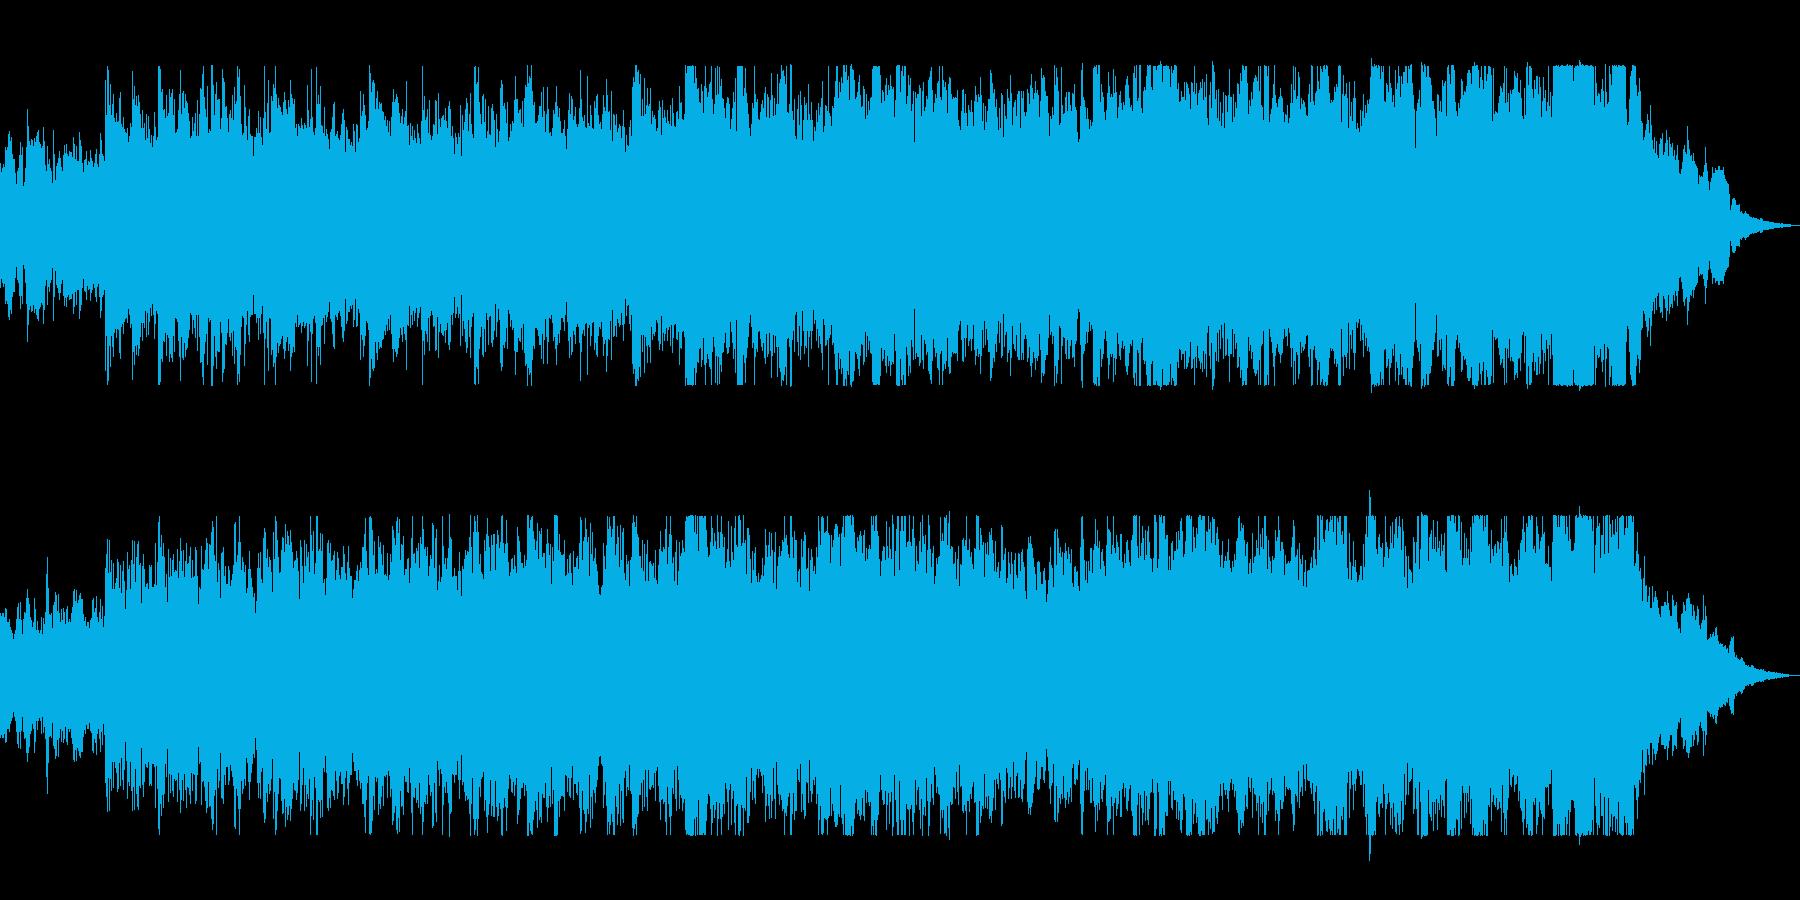 打楽器とファンファーレの迫力オーケストラの再生済みの波形